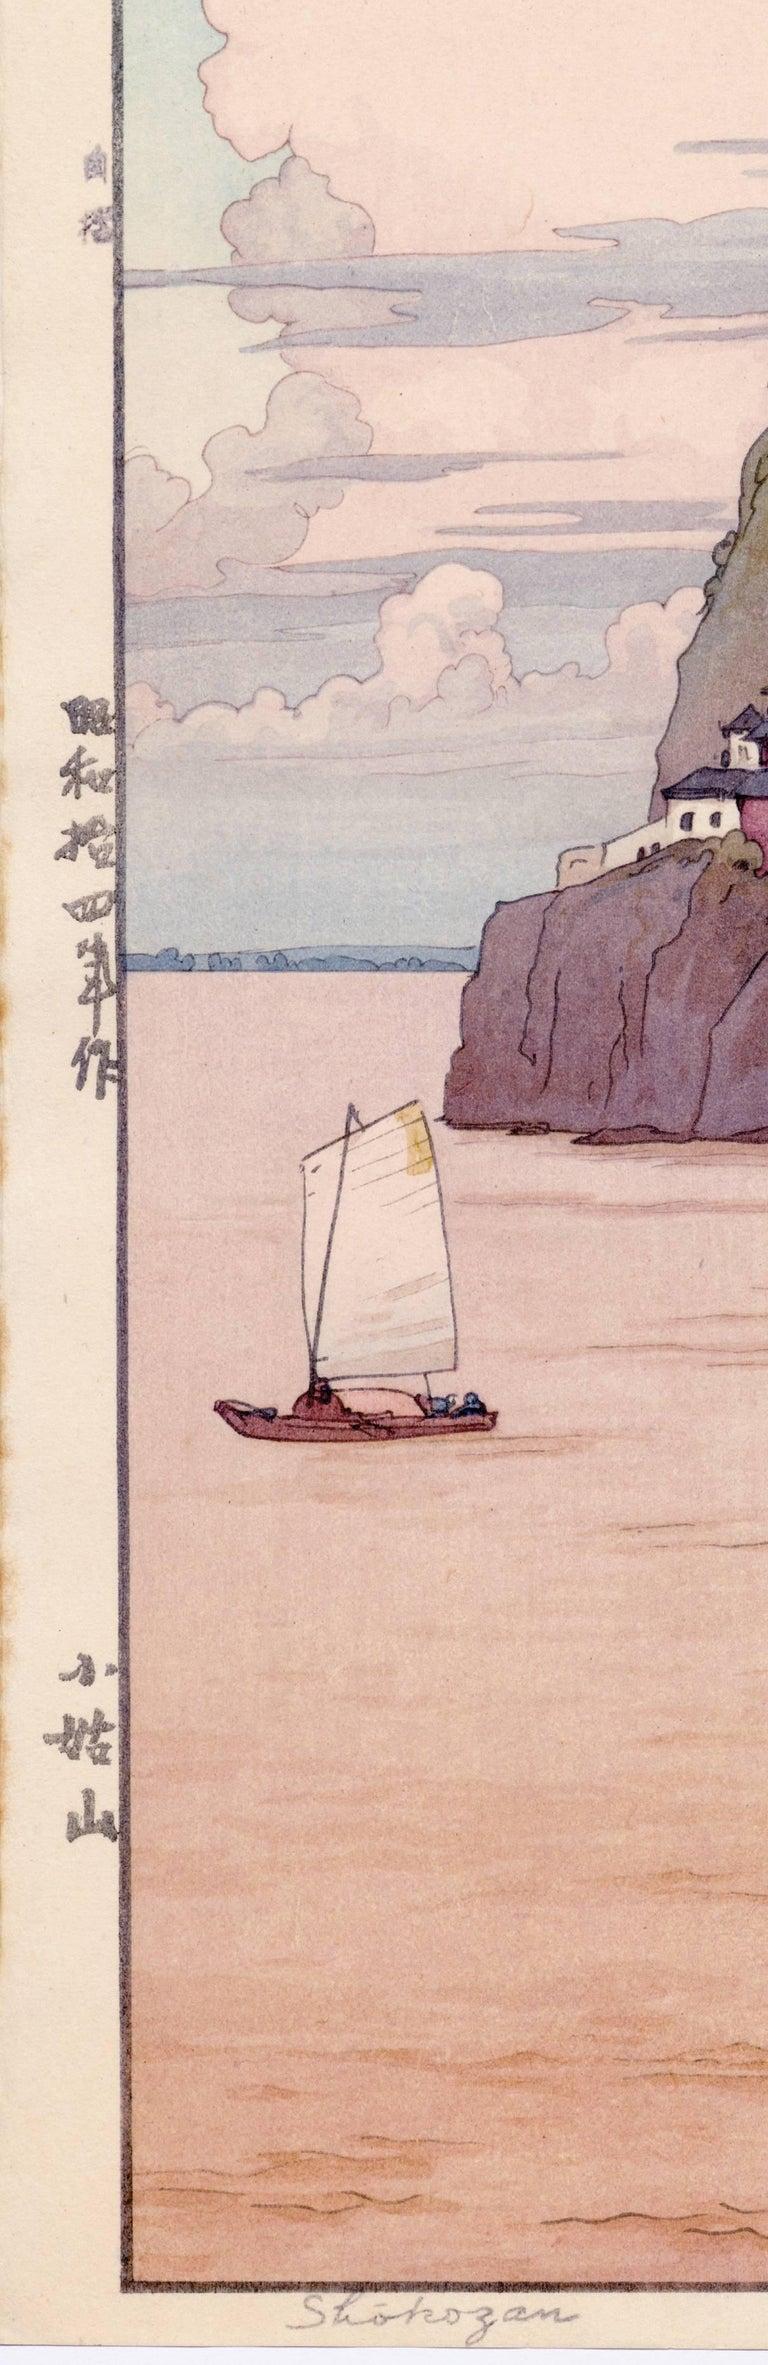 Shokozan (The Chinese Island Xiaogushan) - Beige Landscape Print by Hiroshi Yoshida